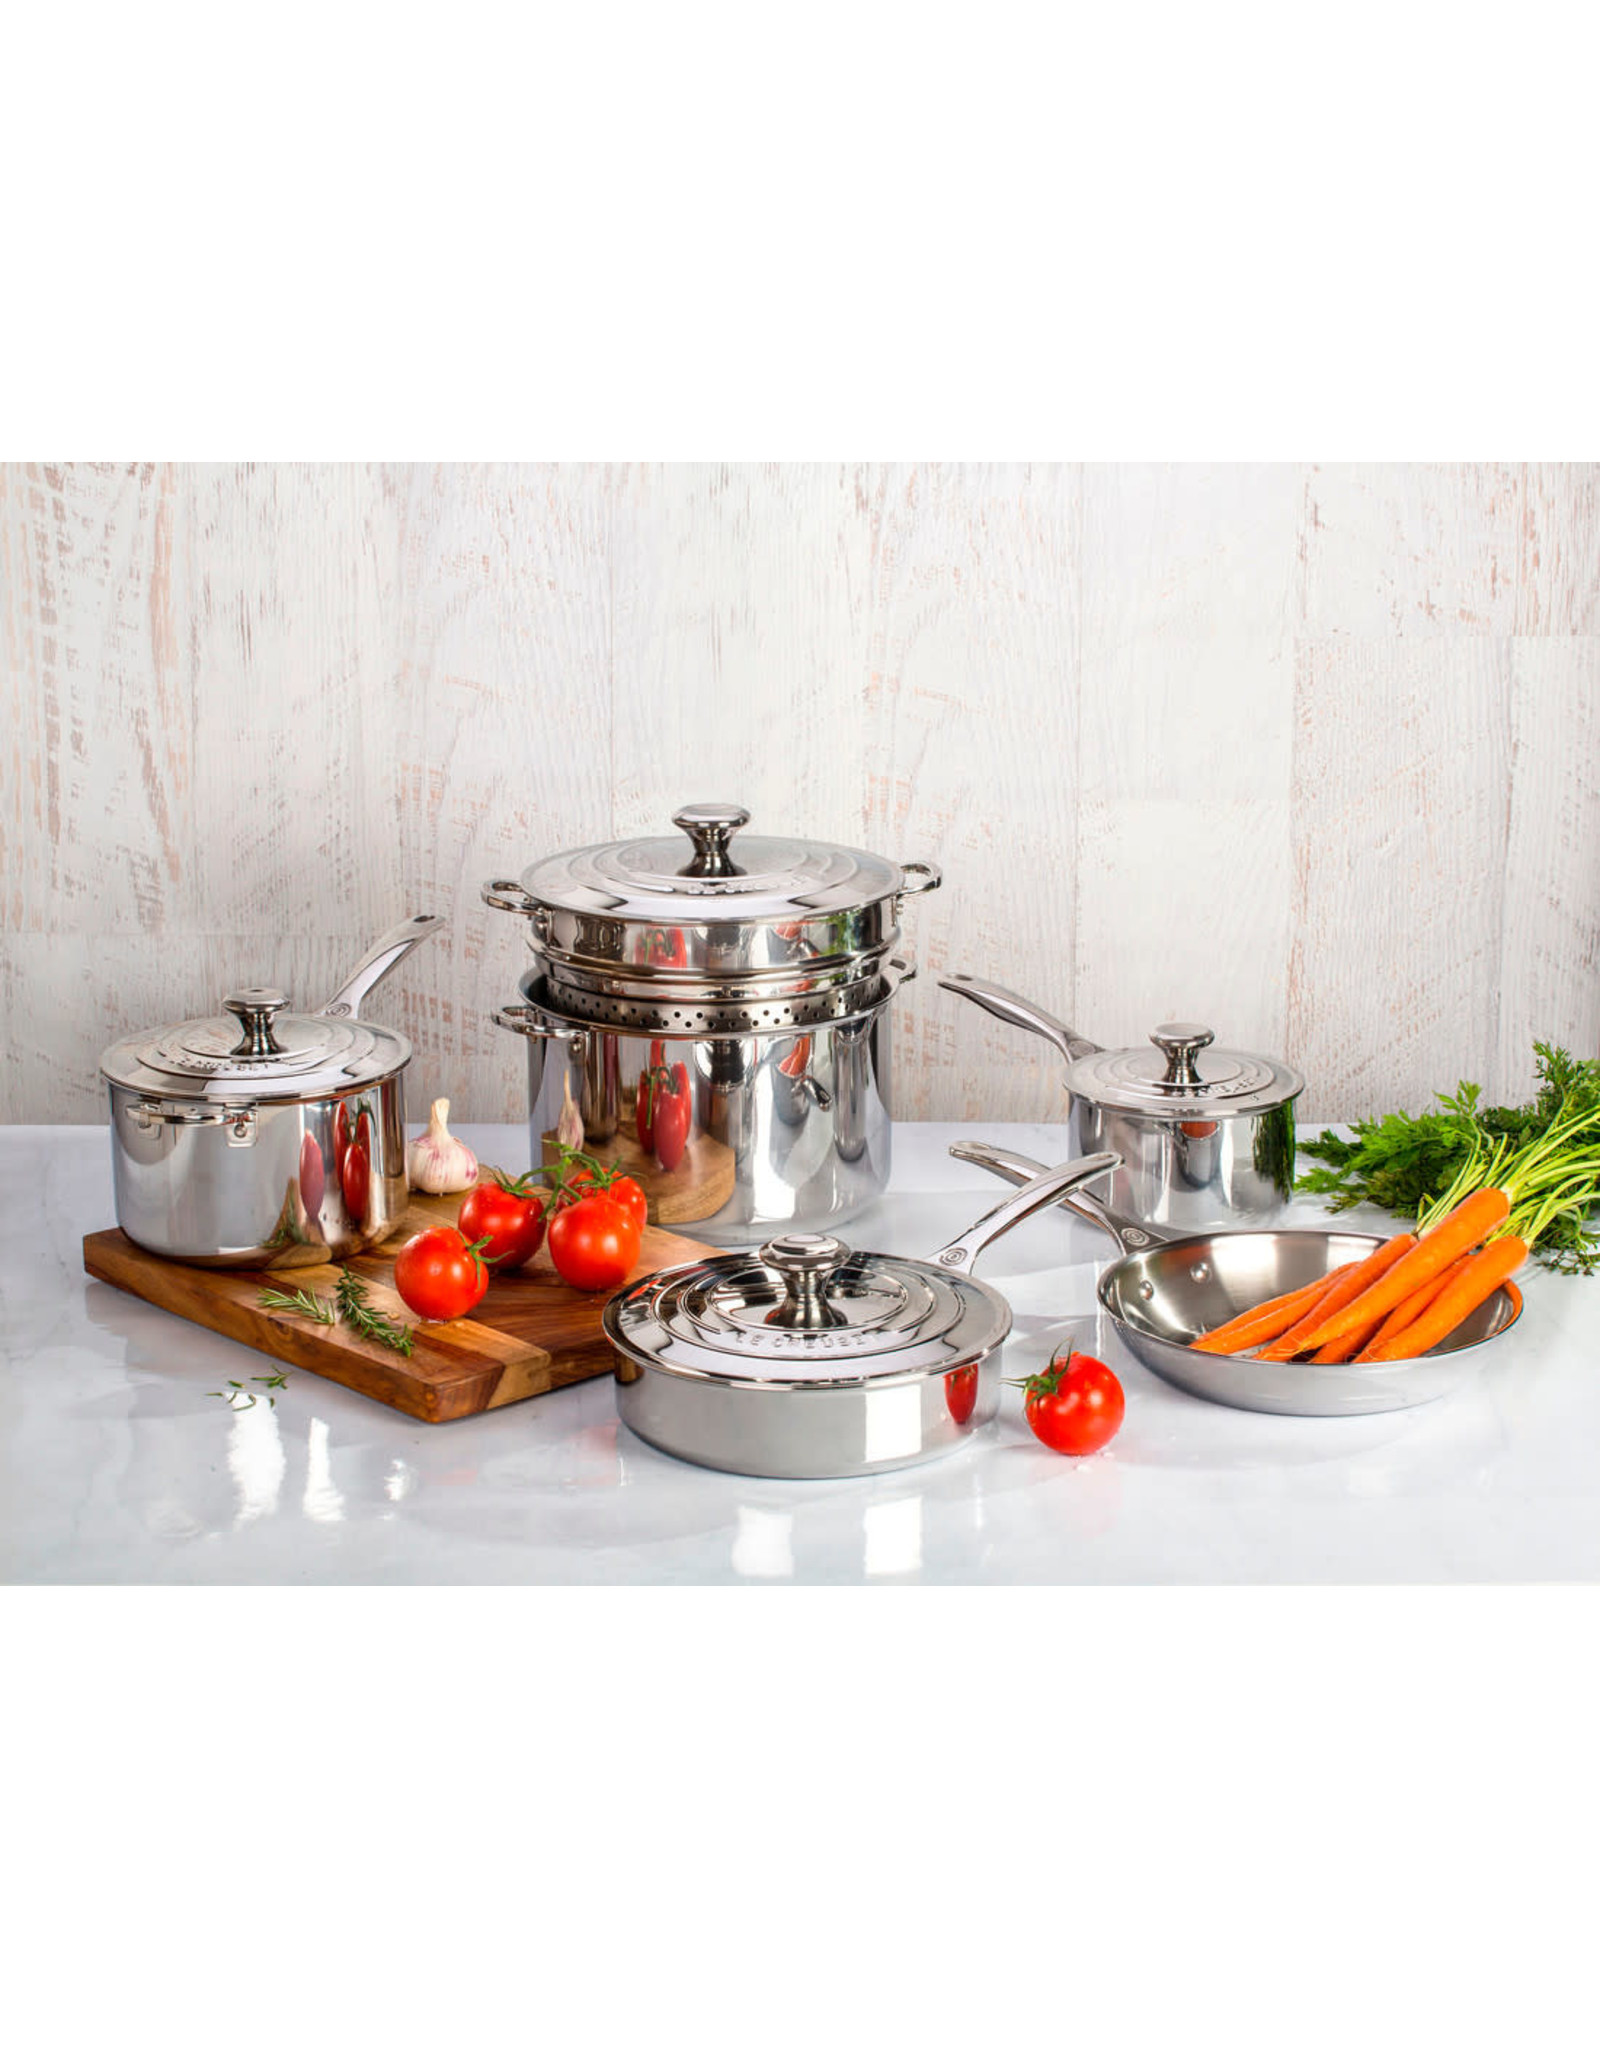 Le Creuset Le Creuset 10pc Stainless Steel Pot Set